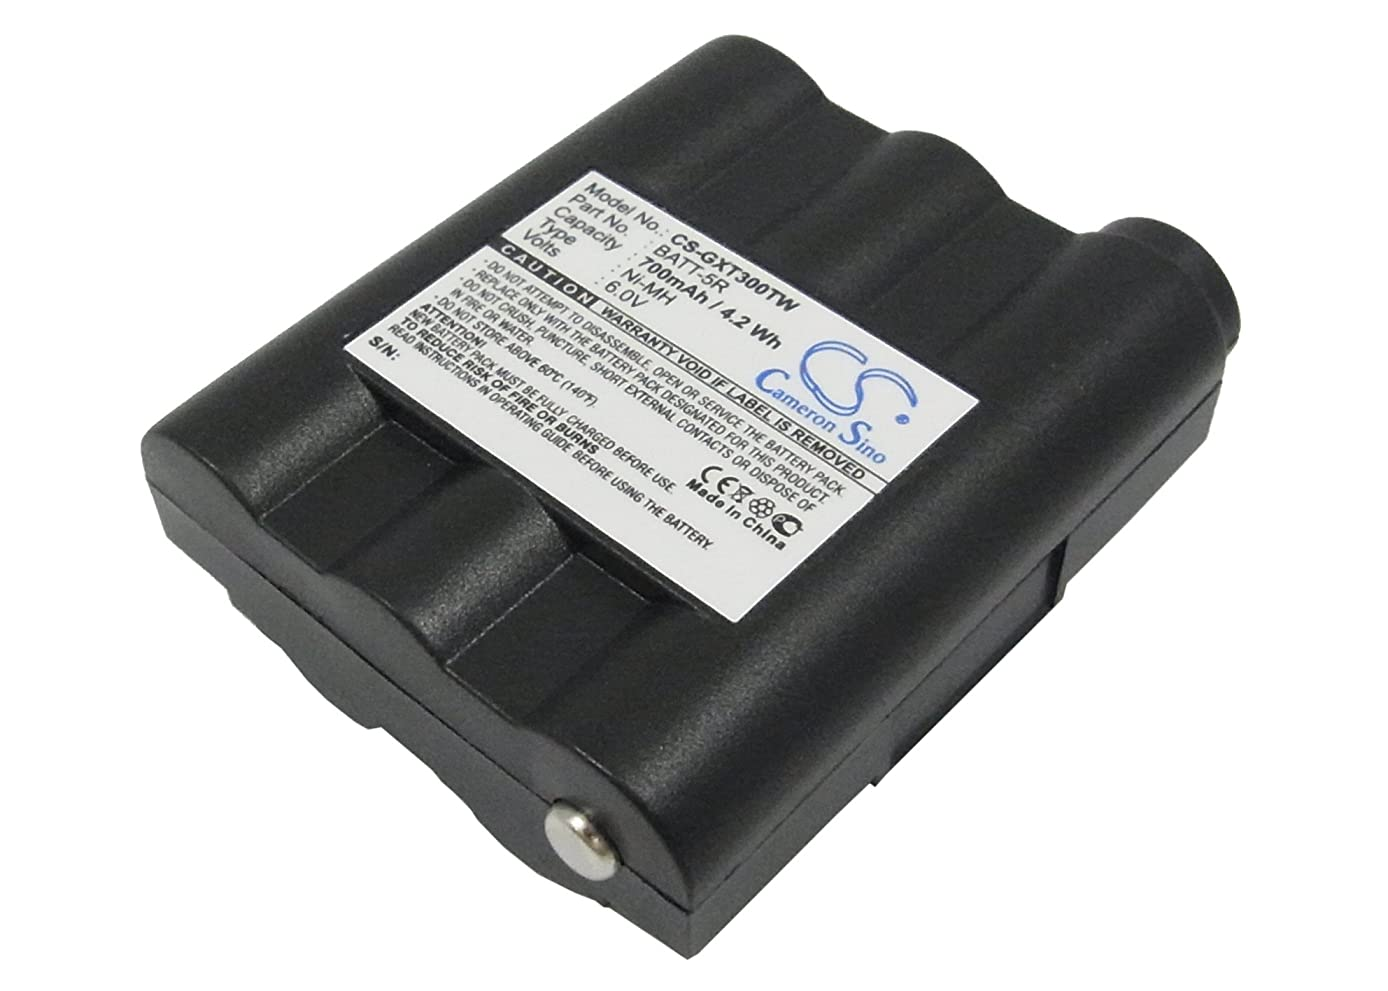 VINTRONS Rechargeable Battery 700mAh For Midland GXT550VP1, GXT1050, GXT650, LXT305, GXT325, GXT950, GXT635